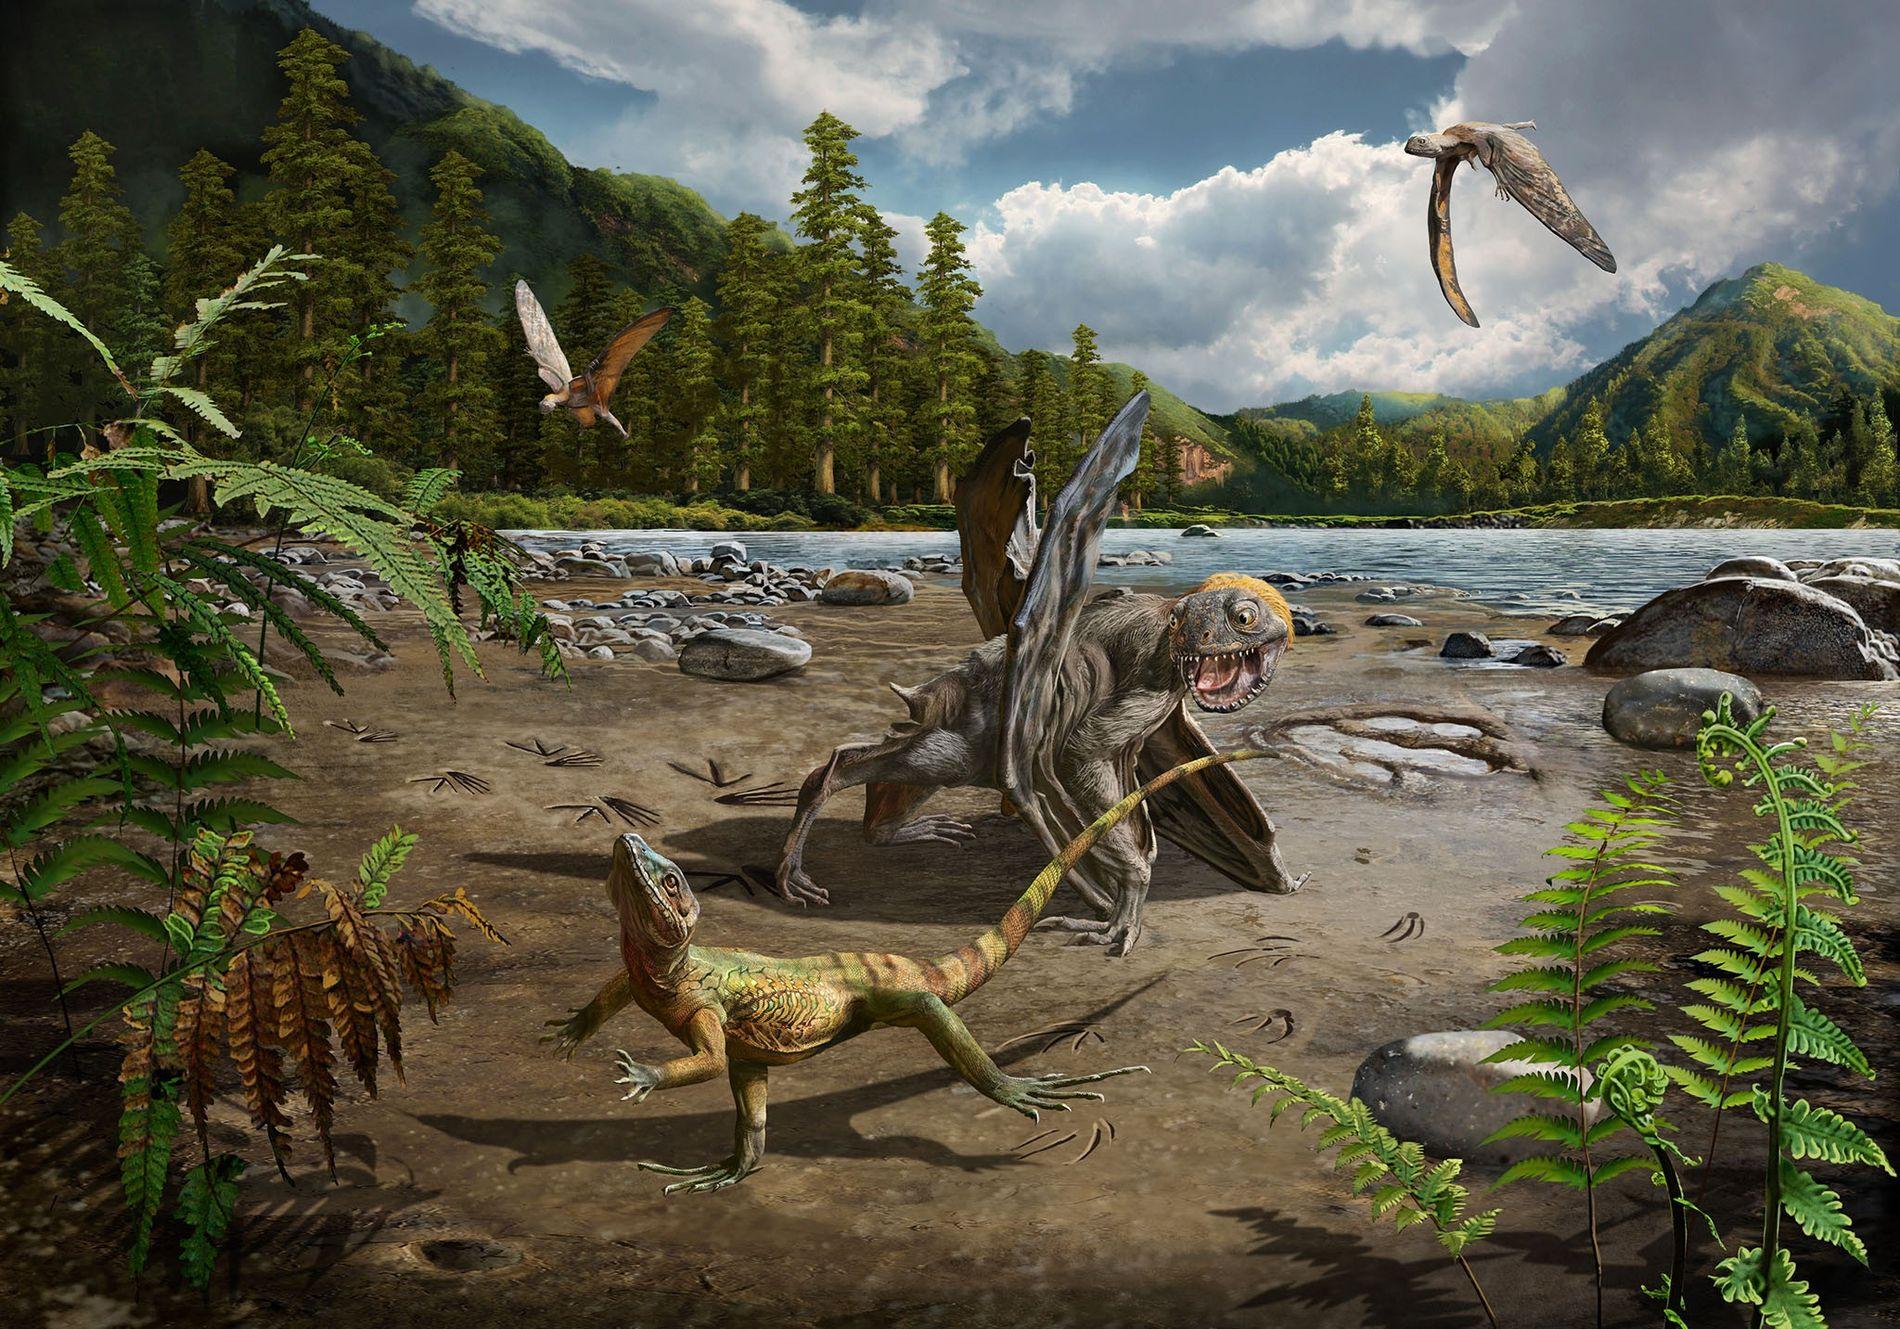 Hace unos 110 millones de años, en el sur de Corea del Sur había exuberantes lagunas habitadas por lagartos y pterosaurios. Algunos de estos lagartos corrían sobre sus patas traseras, dejando huellas que han sido descubiertas recientemente por los científicos.